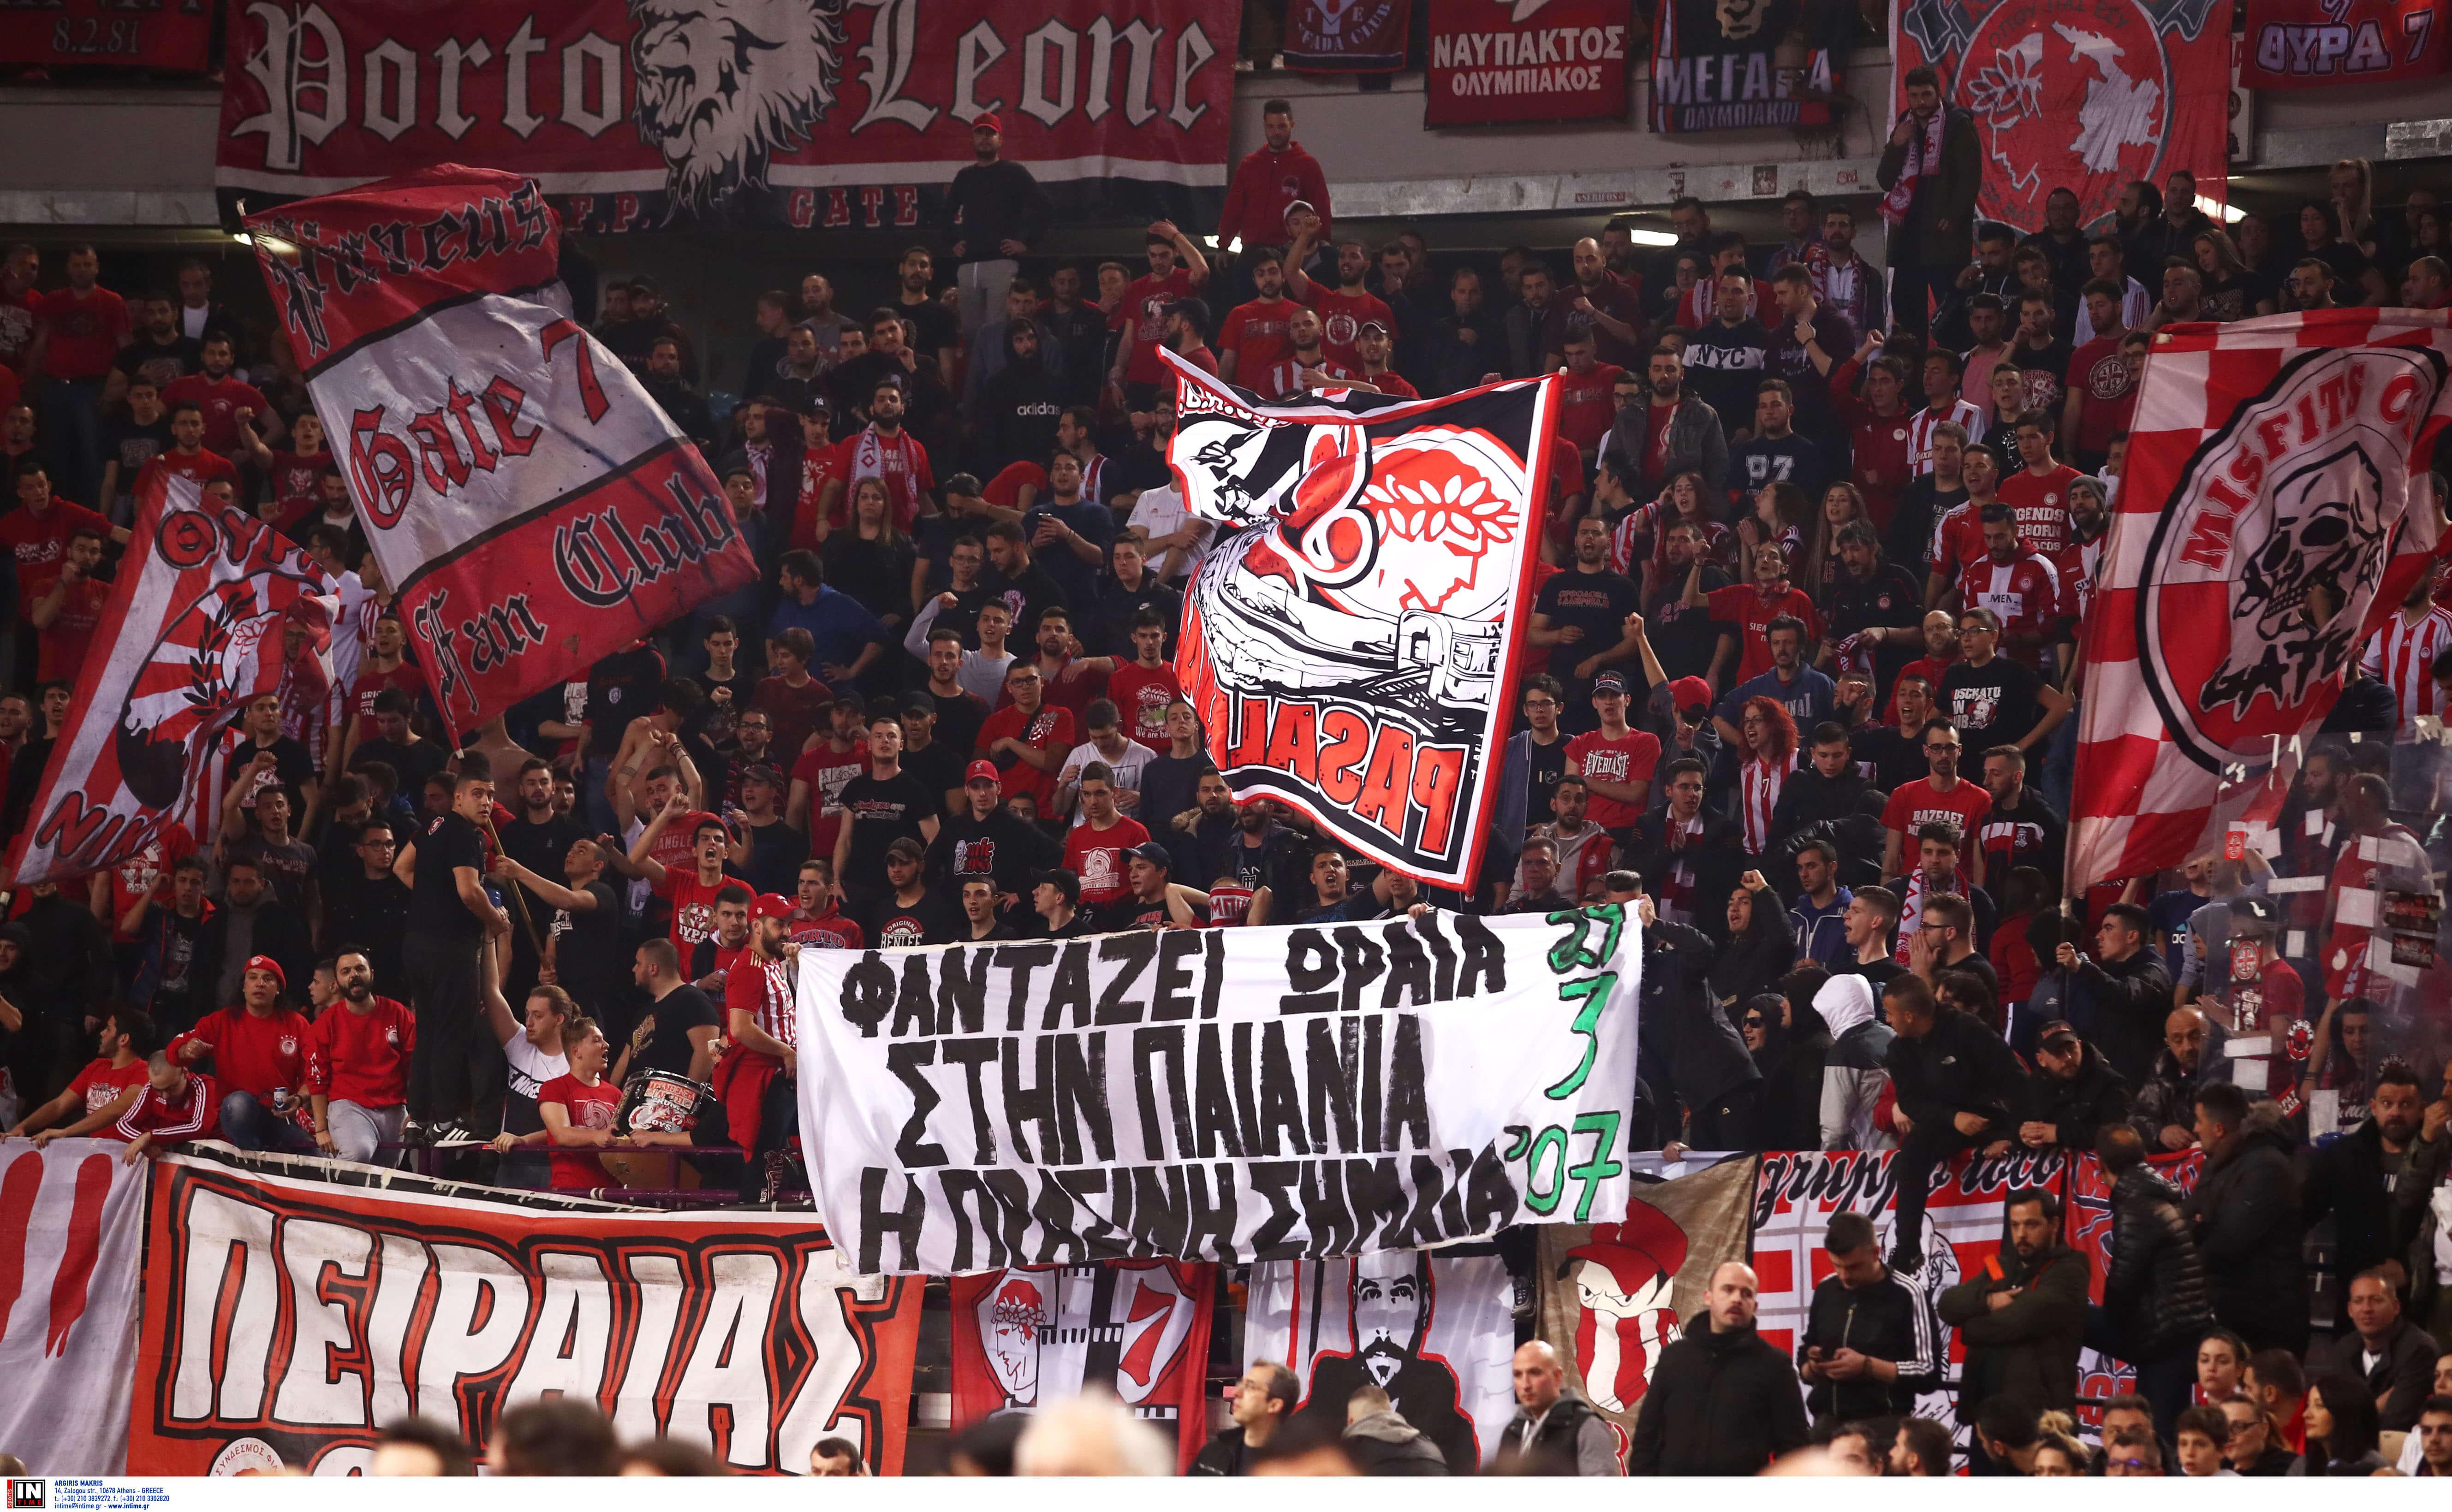 """Ολυμπιακός: Παρέμβαση Εισαγγελέα για τα """"εμετικά"""" πανό του ΣΕΦ!"""